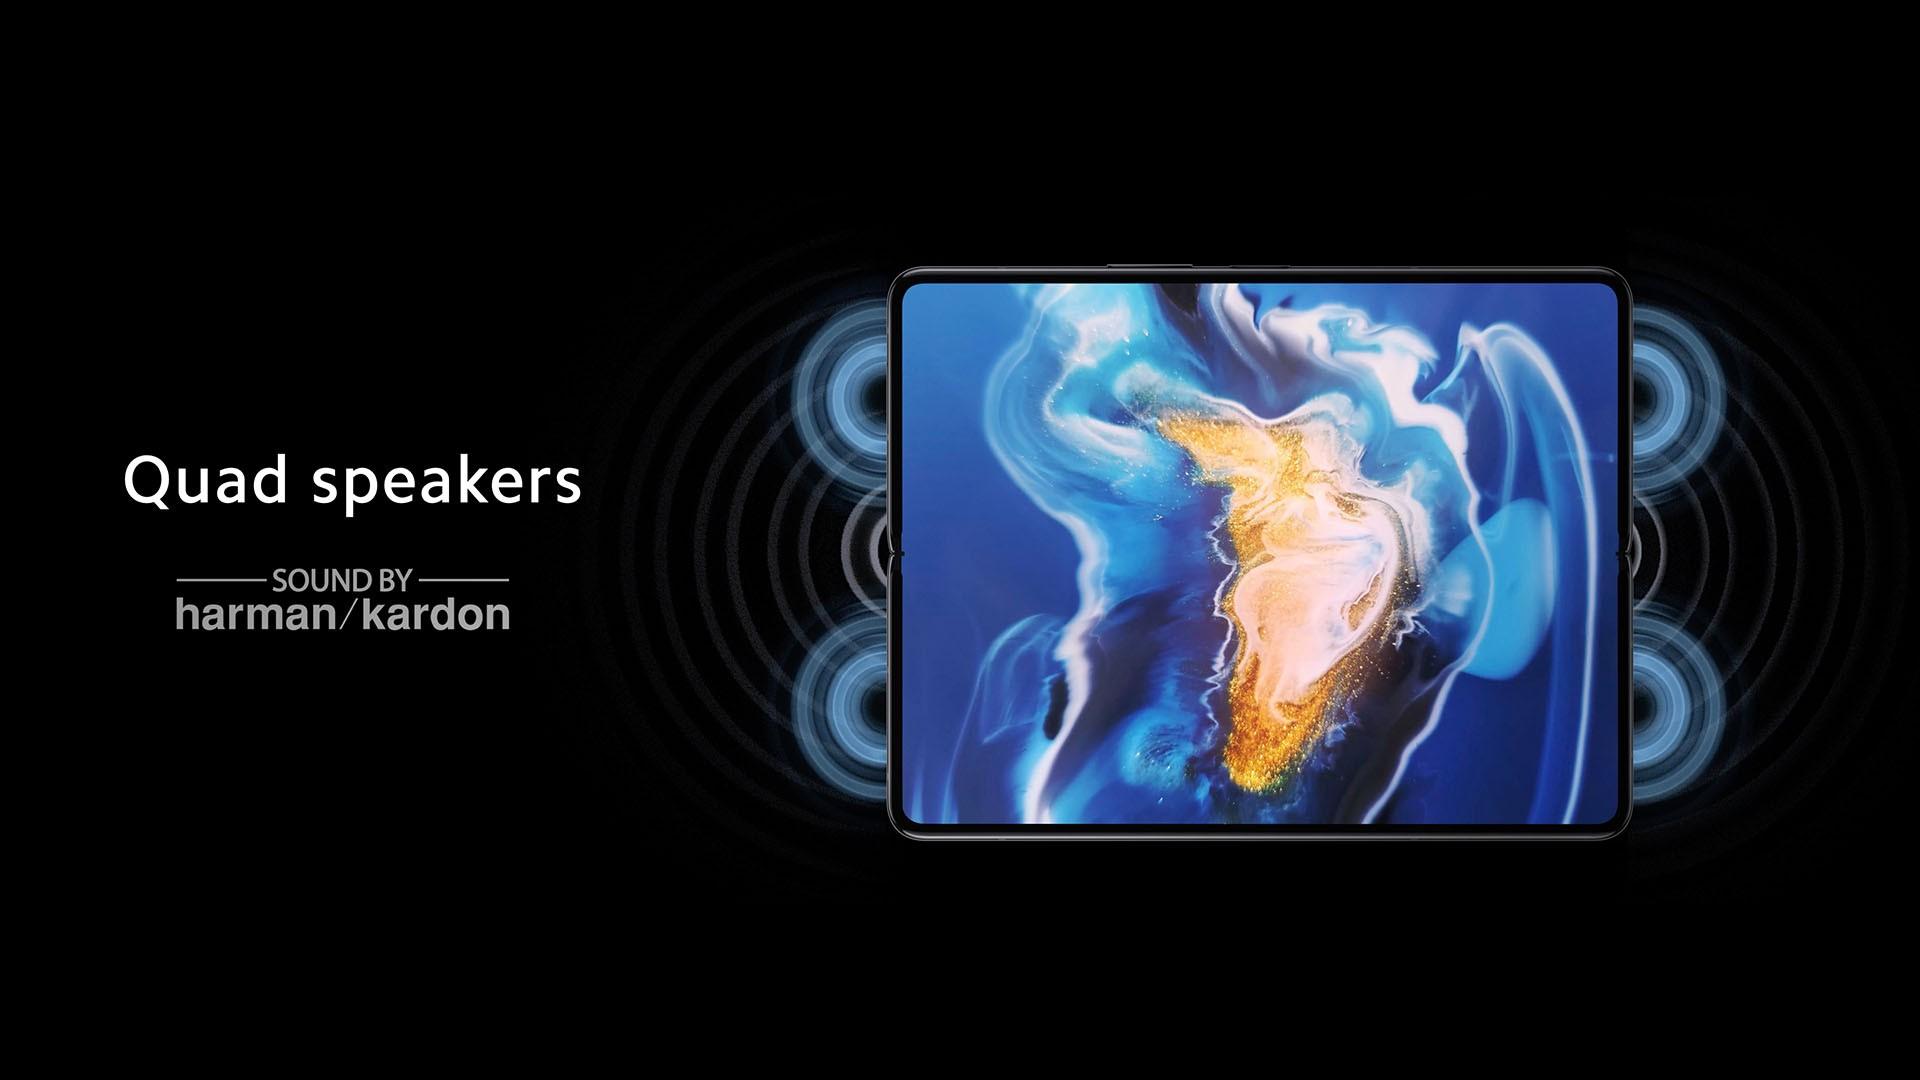 گوشی می میکس فولد شیائومی اولین گوشی تاشو این شرکت معرفی شد